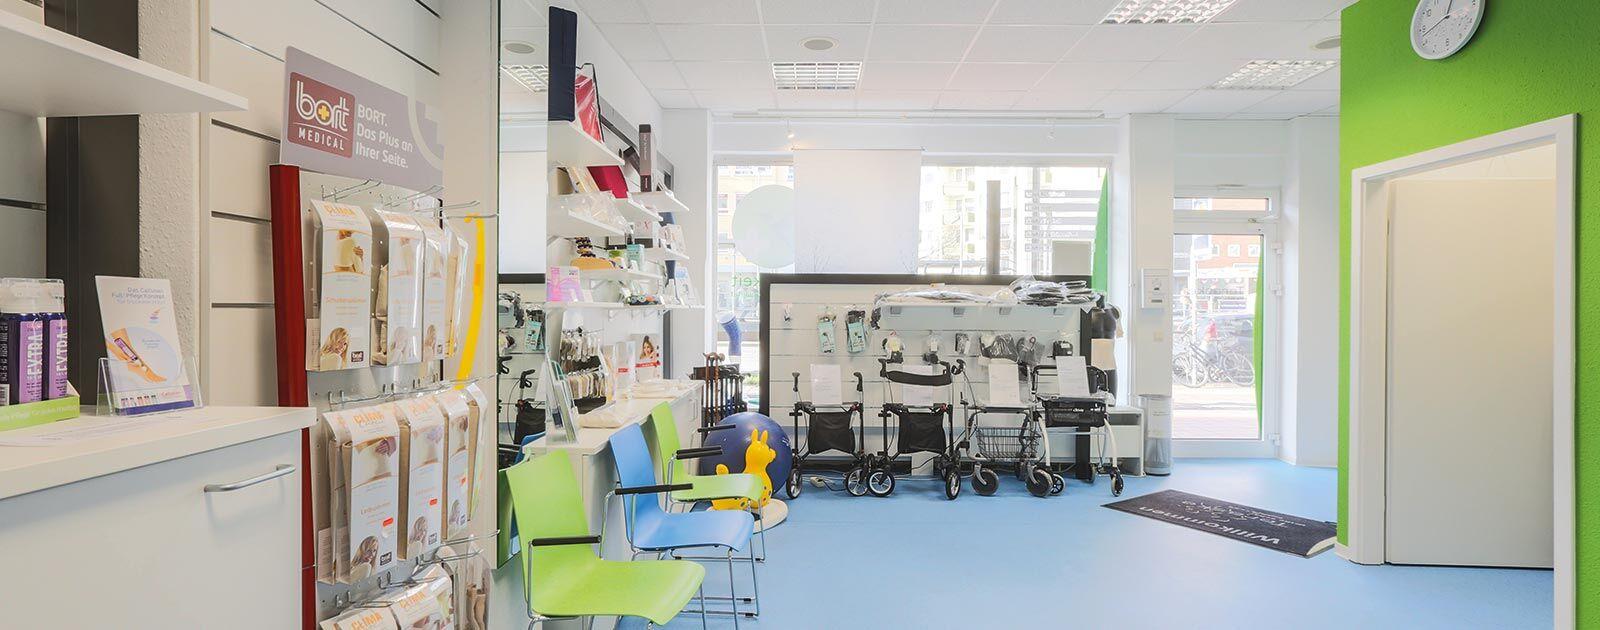 Teraske Sanitätshaus Sortiment in Hannover Vahrenwald